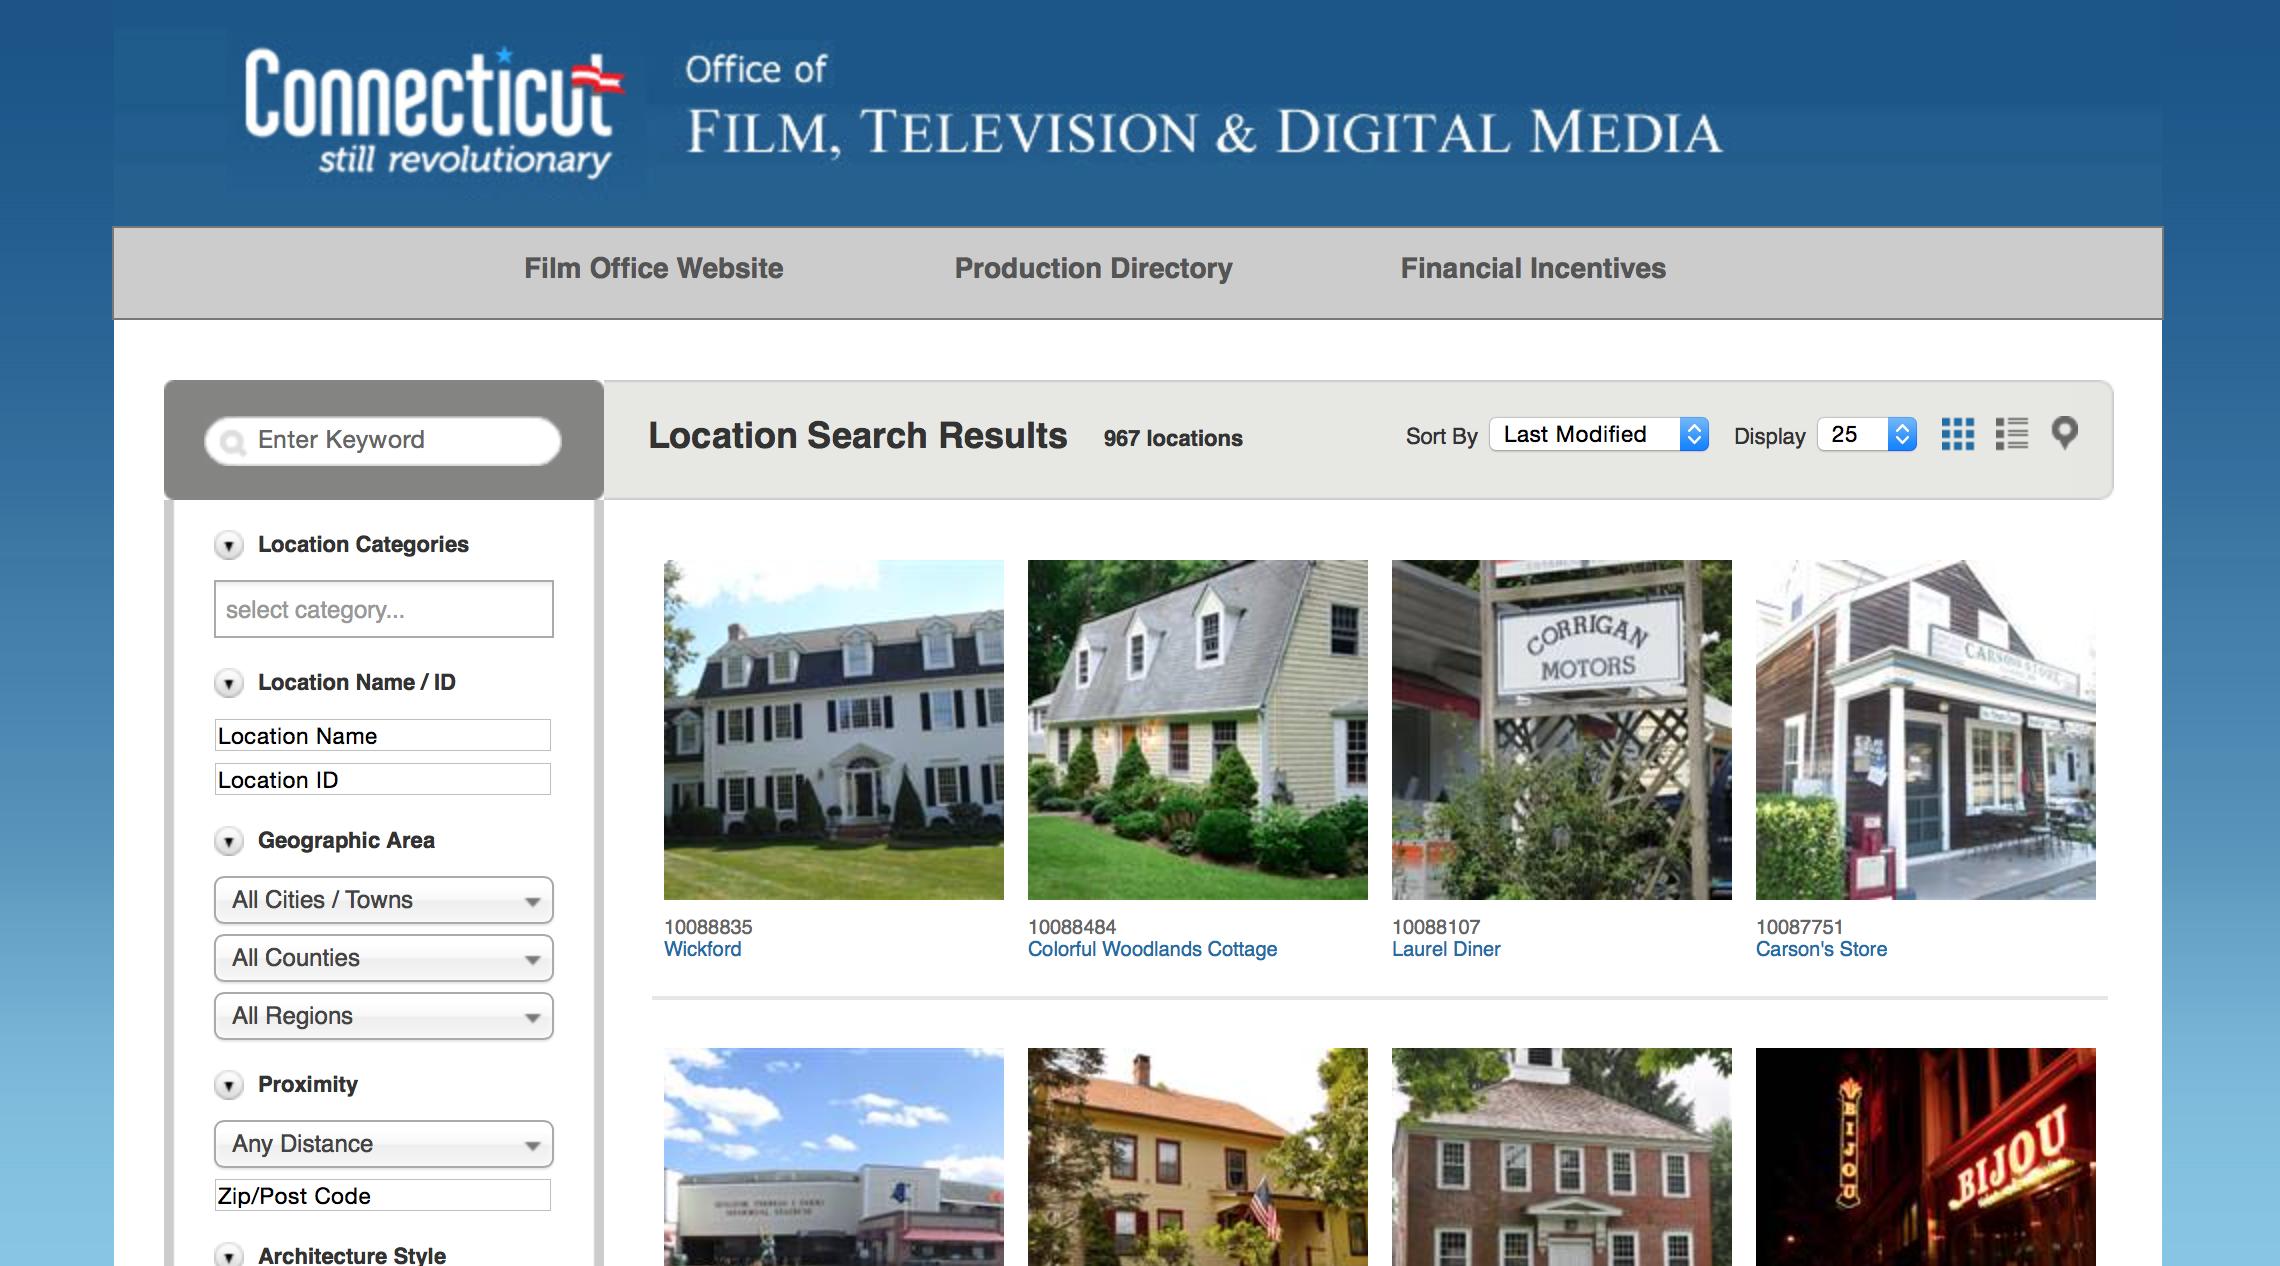 CT Film locations website